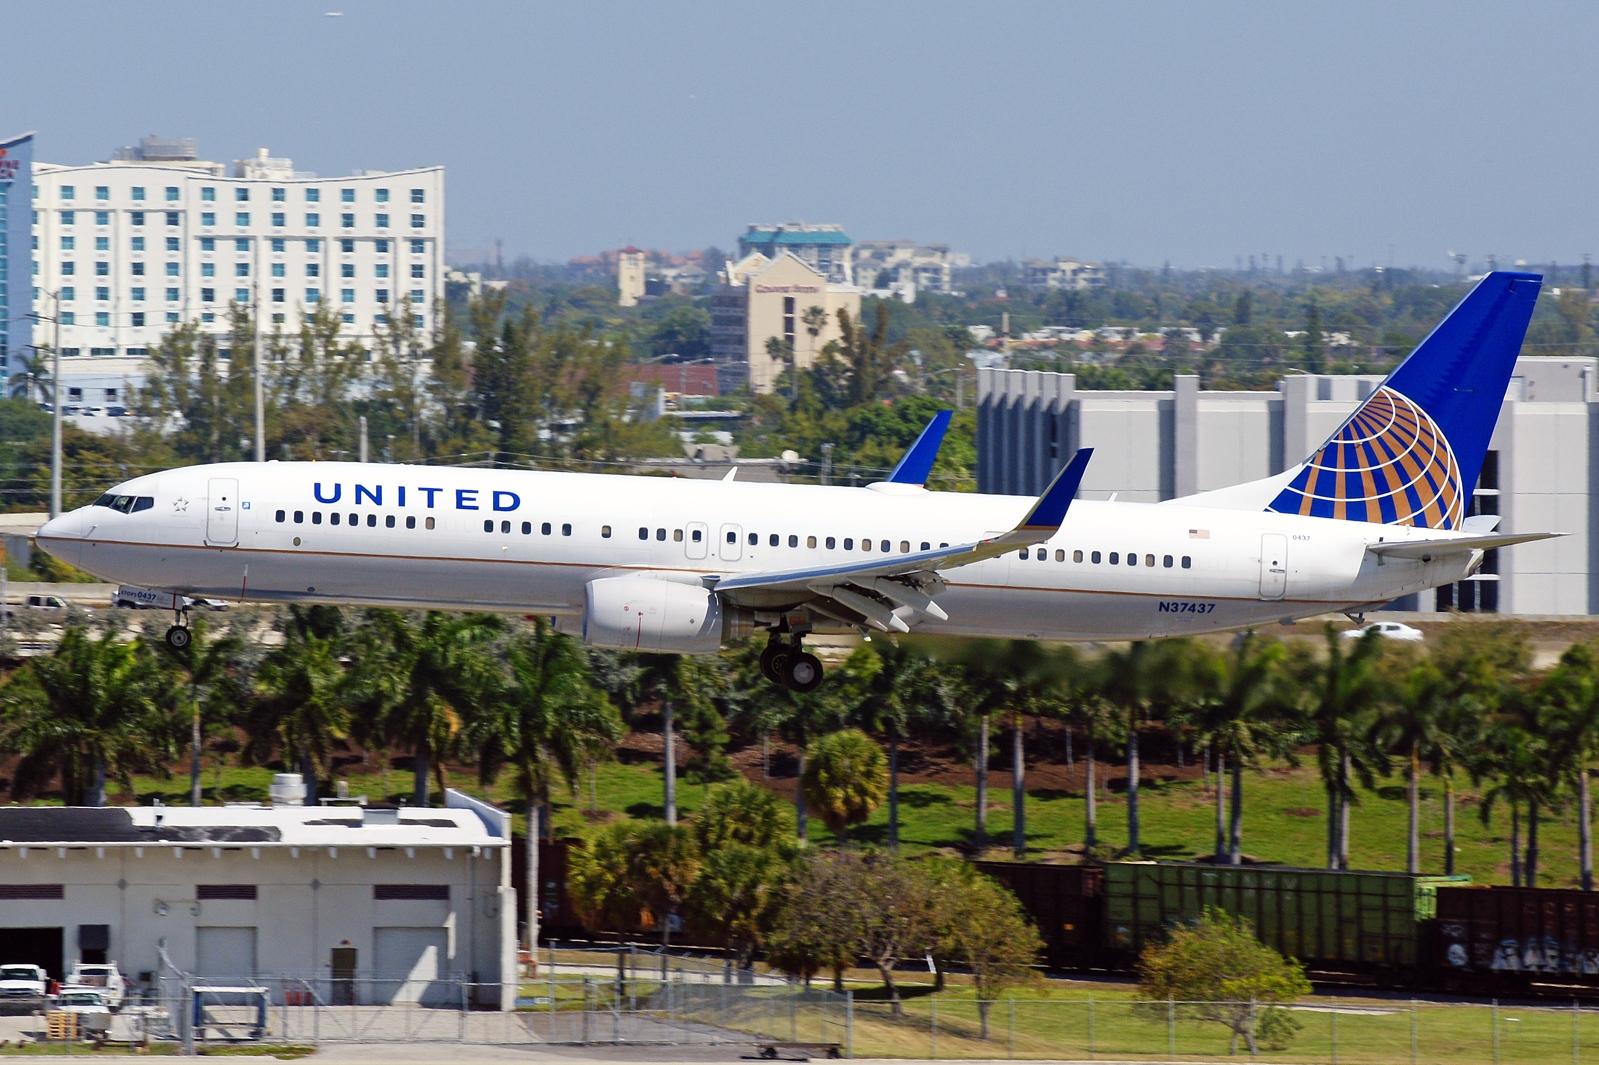 http://1.bp.blogspot.com/-stzjiqytj4M/UVEmb1kxfBI/AAAAAAAAPqQ/cCTa2FEMIAs/s1600/boeing_737-900_united_airlines.jpg